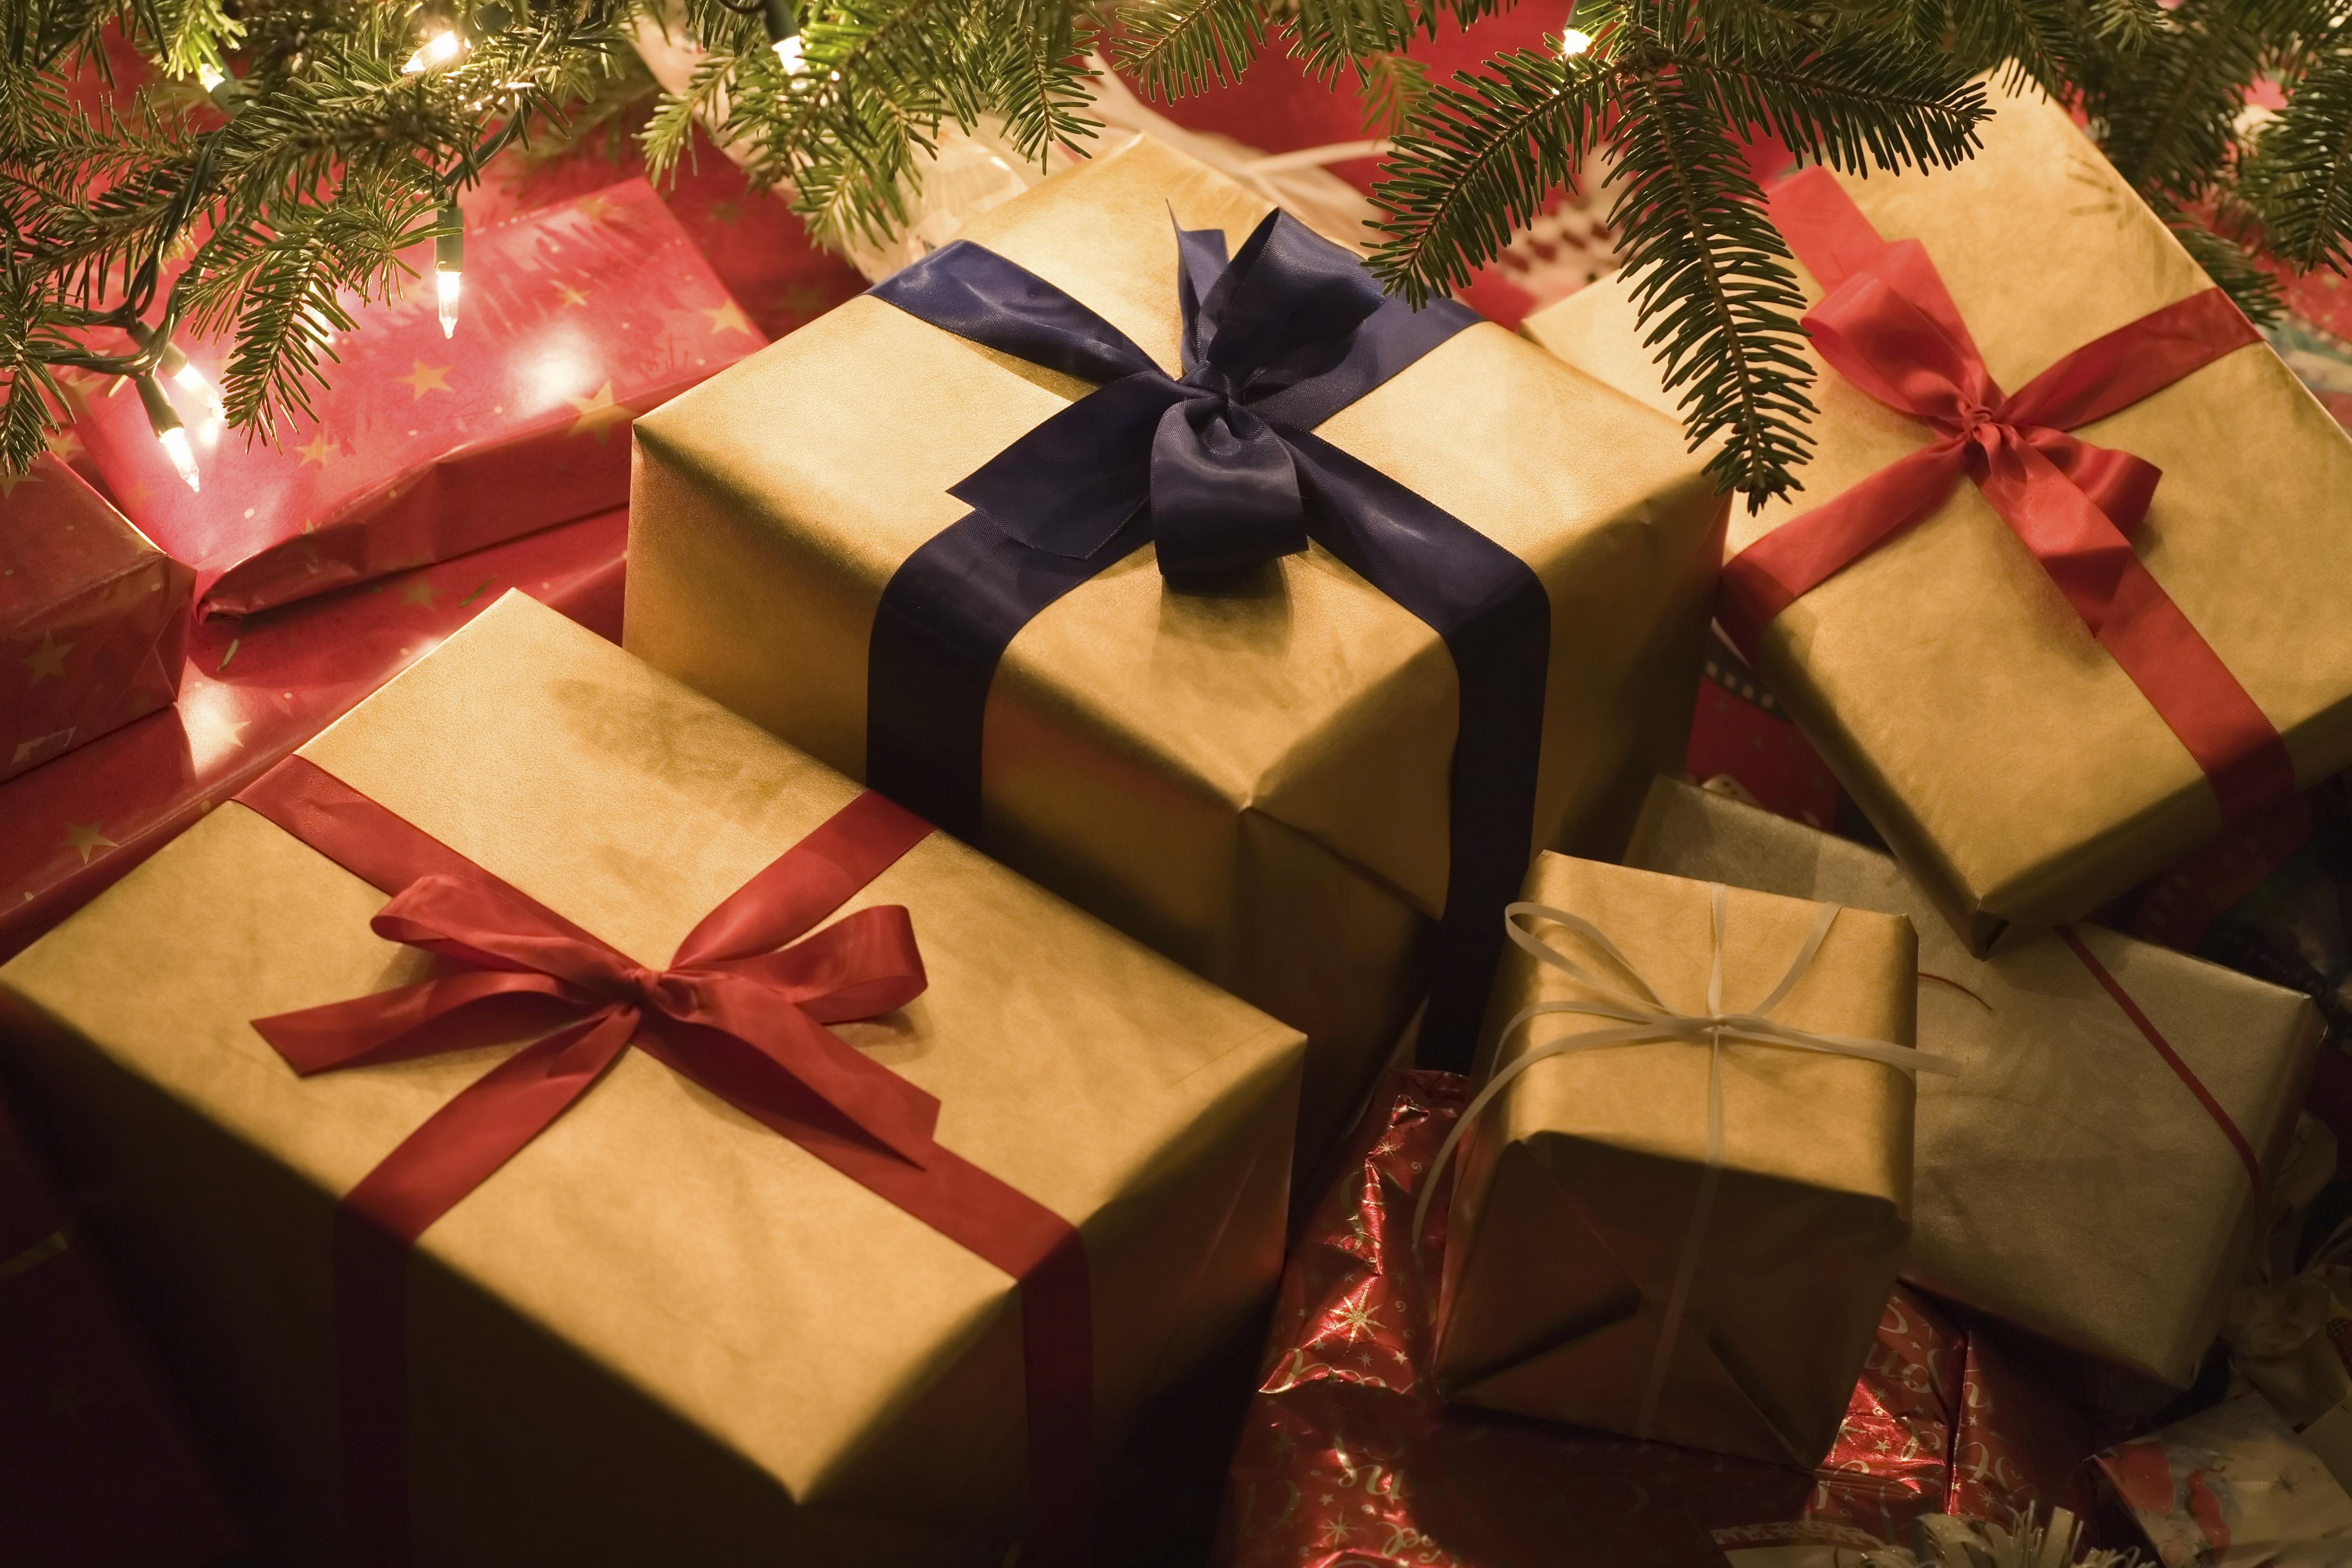 クリスマスプレゼントは彼女が高校生ならペアグッズやアクセサリーがおすすめ!のサムネイル画像